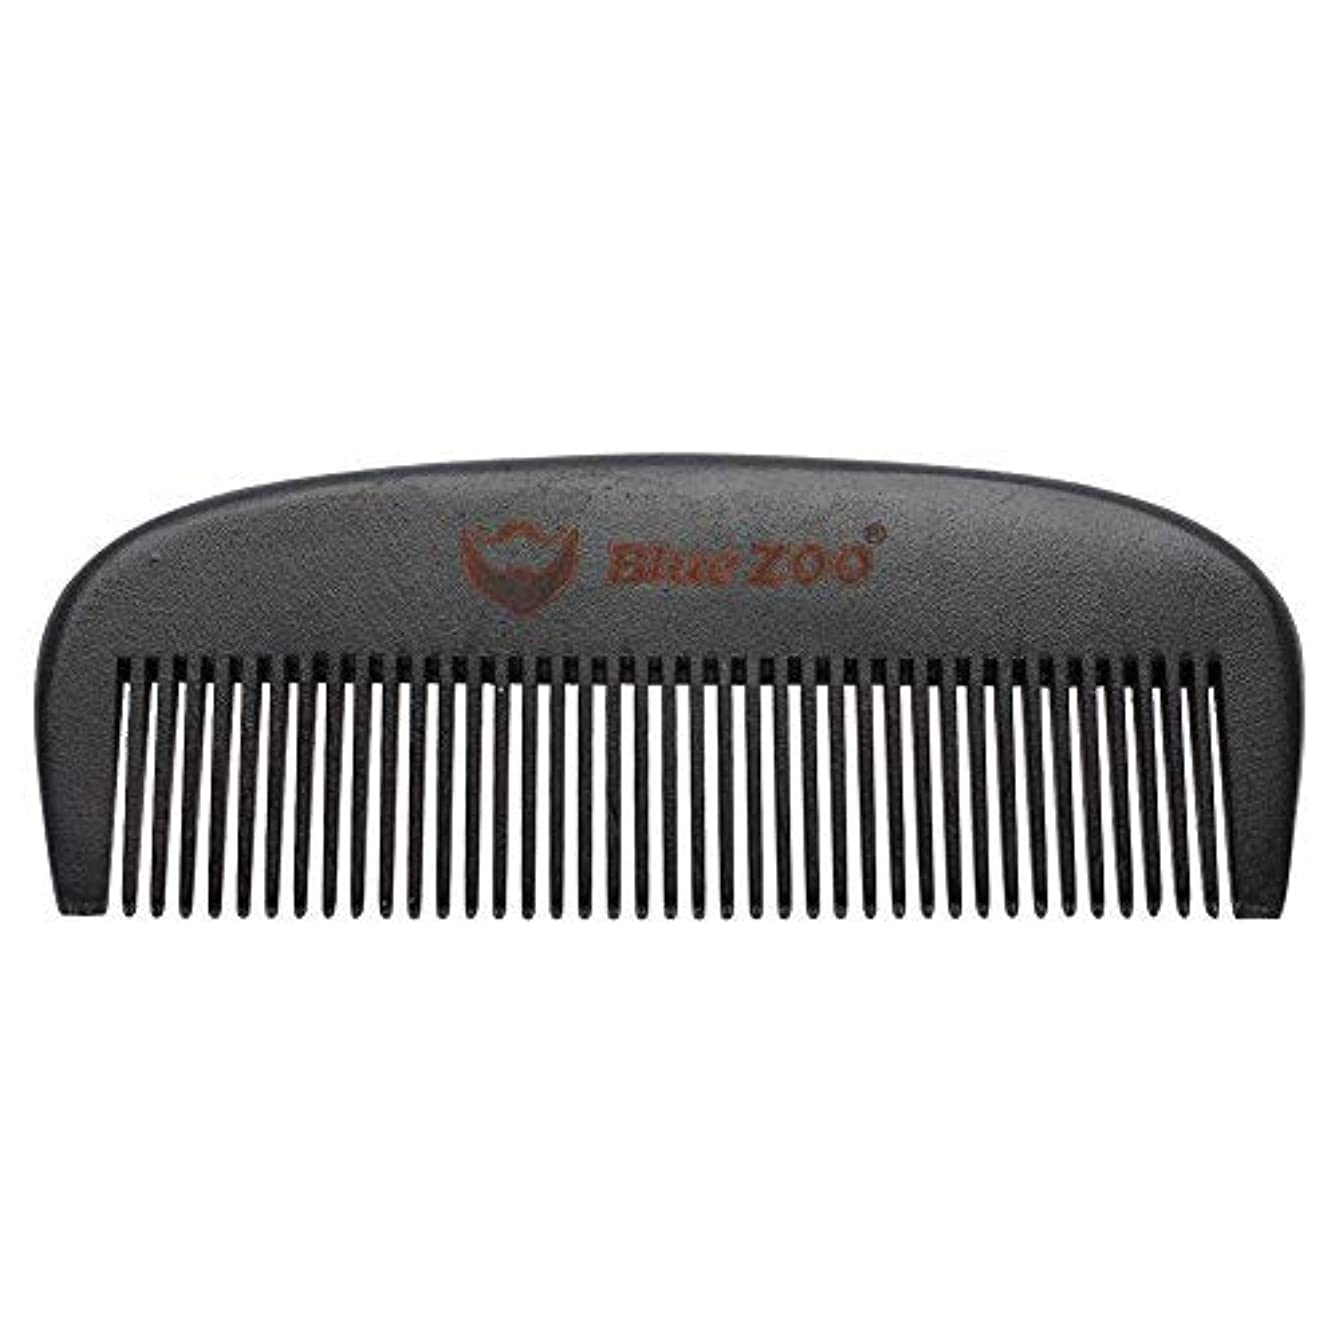 アリ石灰岩不要Mens Beard Comb Natural Wooden Moustache Hair Health Care Combing Black Pear Wood Anti-static Fine Wide Tooth...